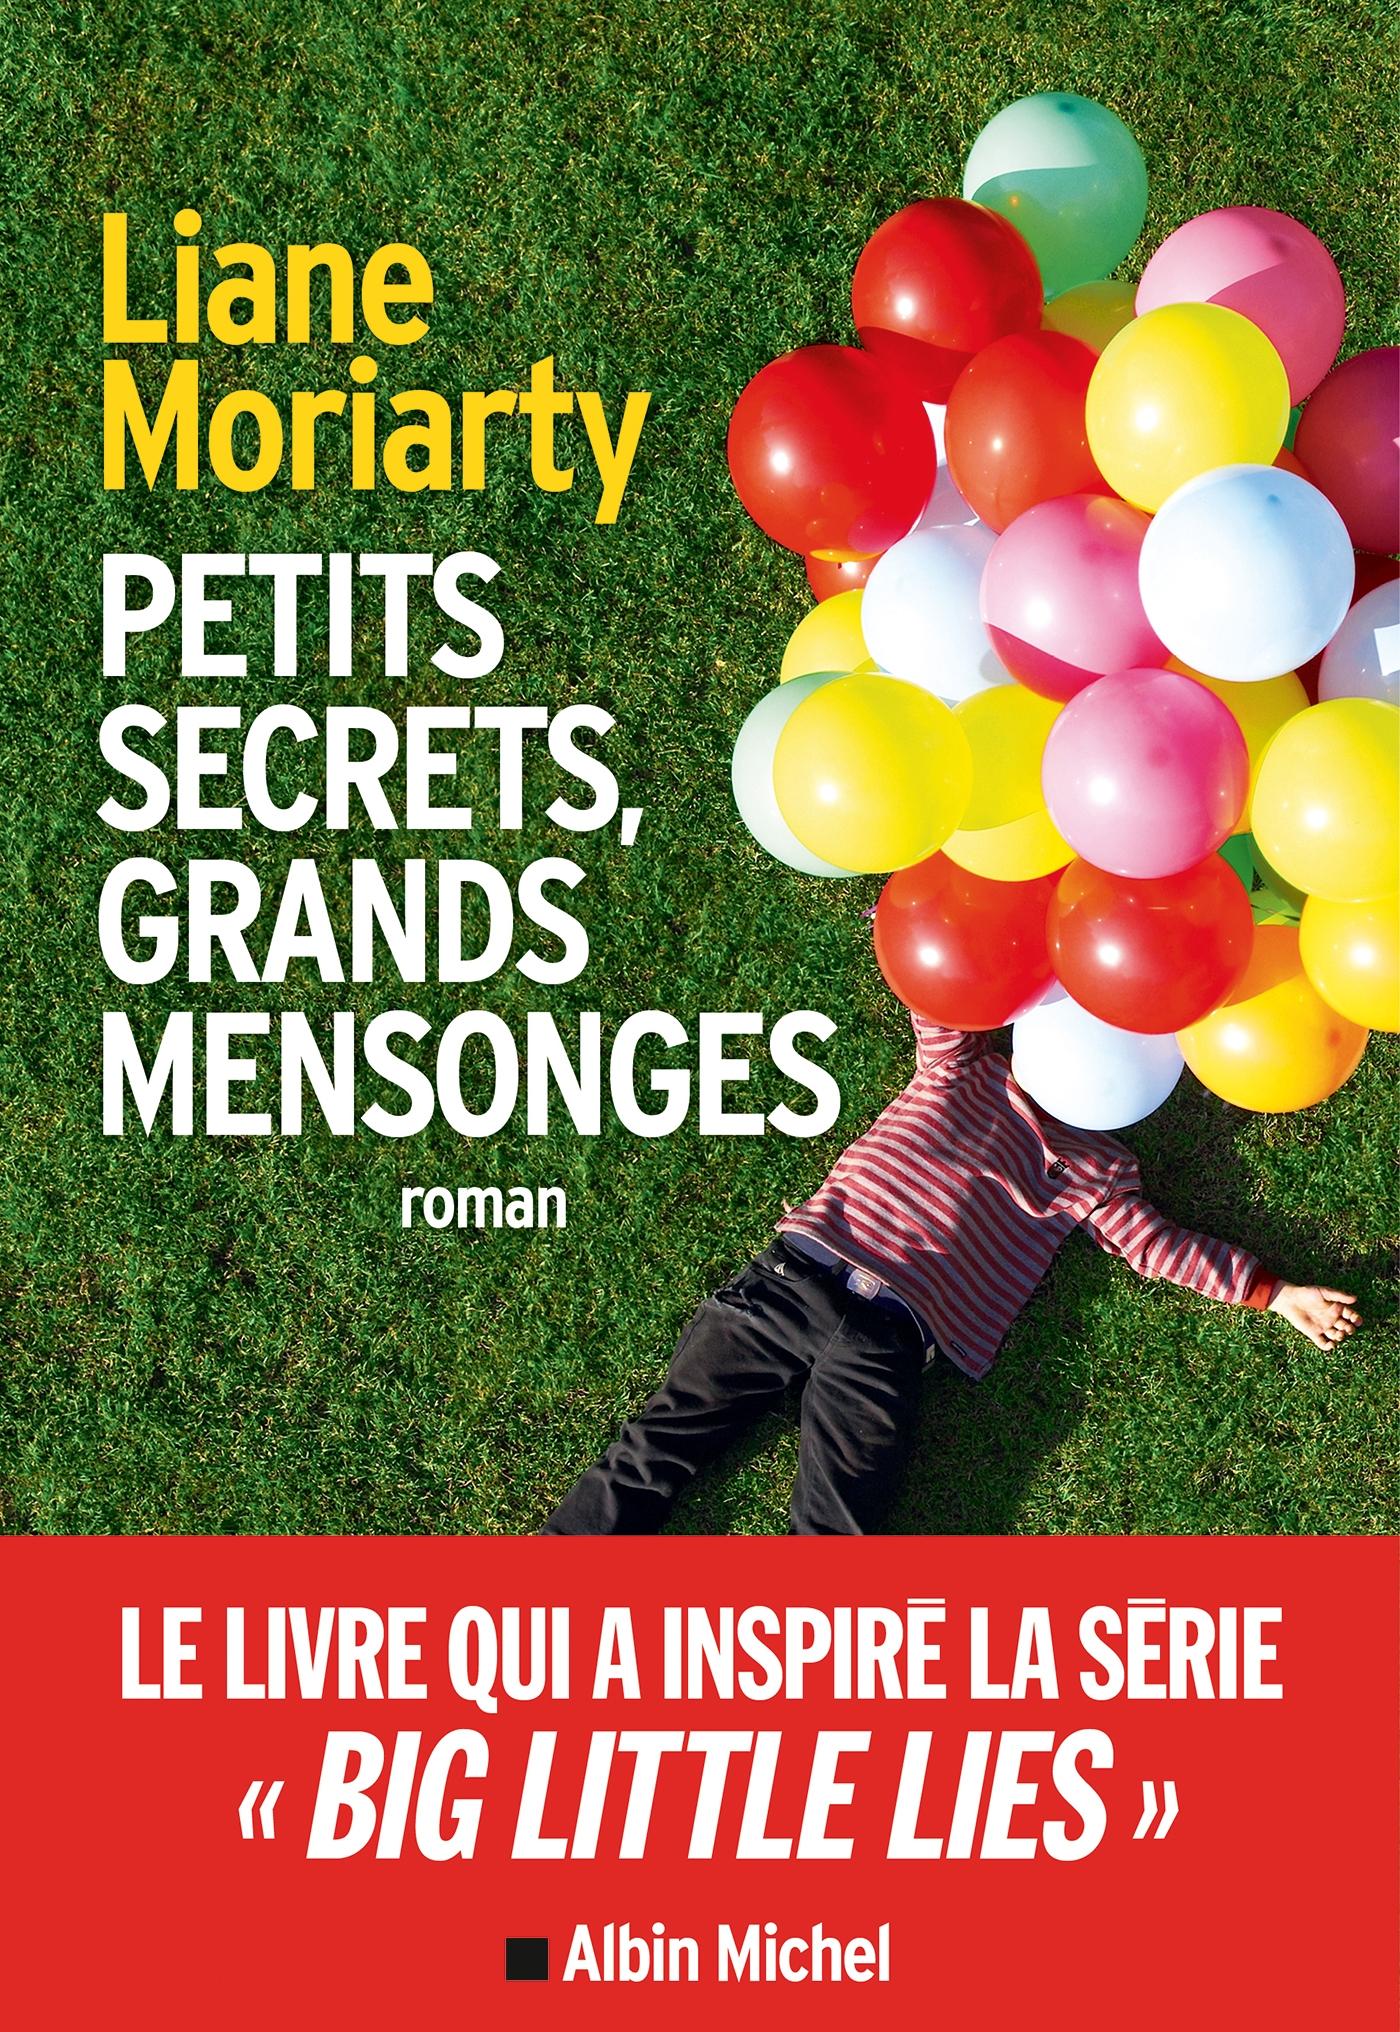 Petits secrets grands mensonges (Big little lies) | Moriarty, Liane. Auteur